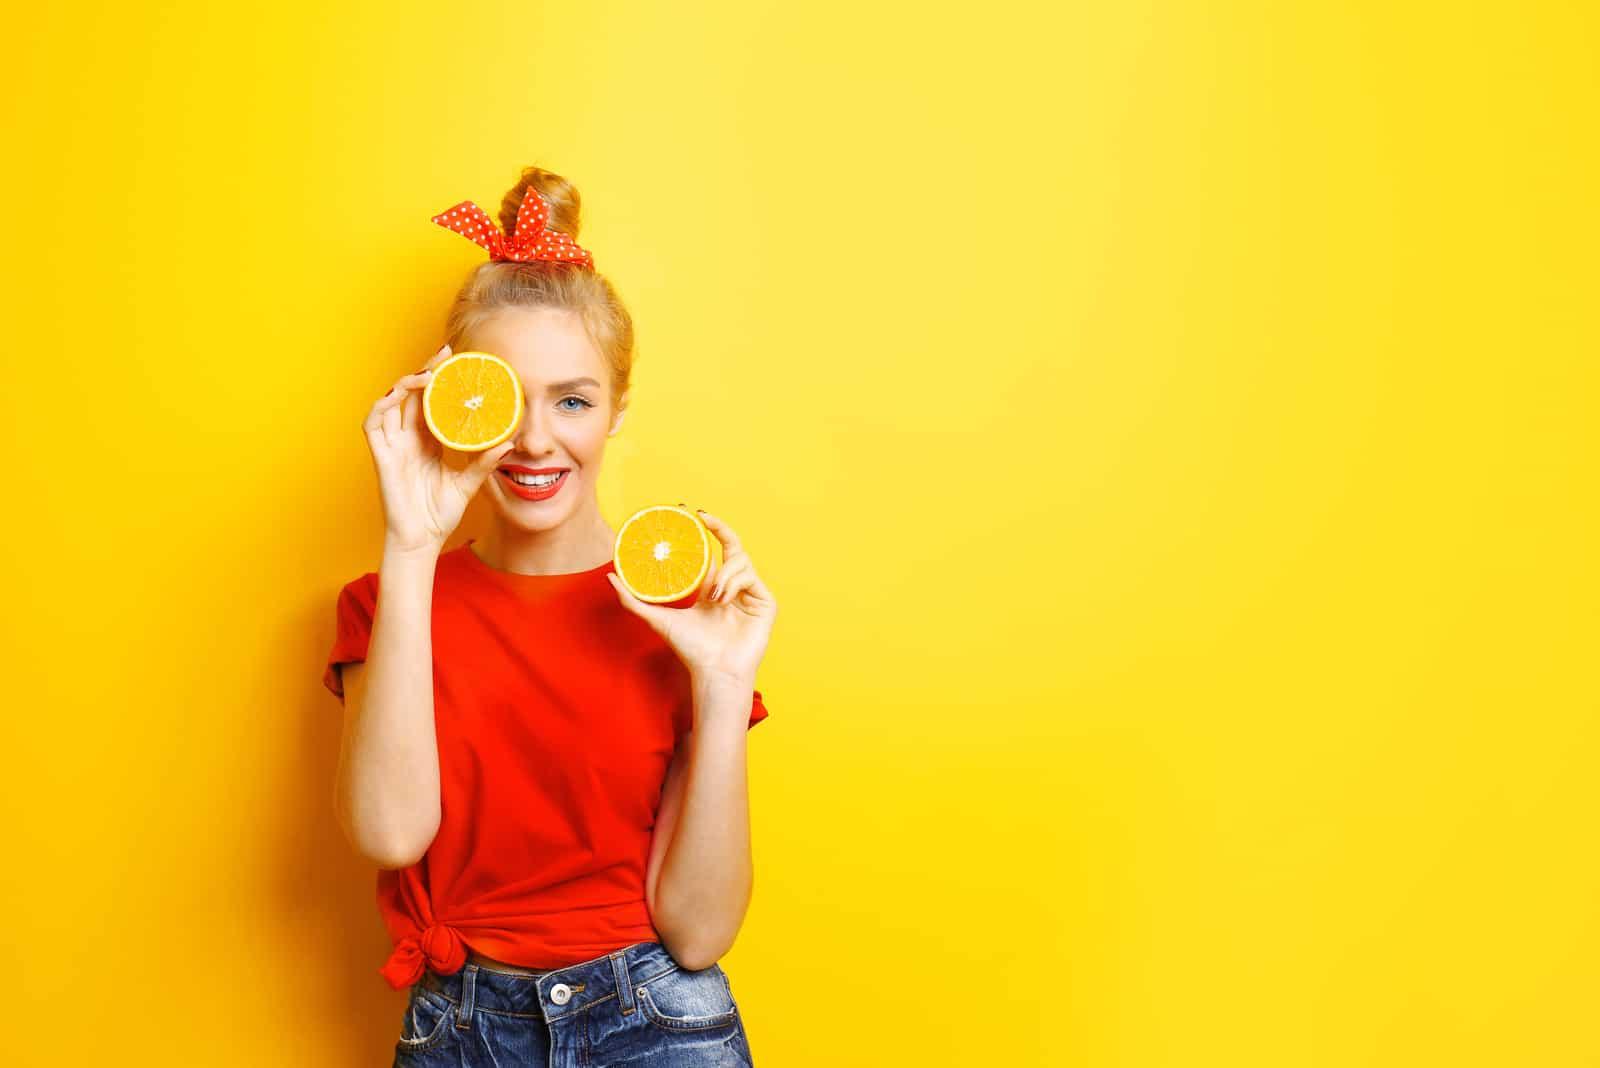 ung vacker kvinna gul bakgrund